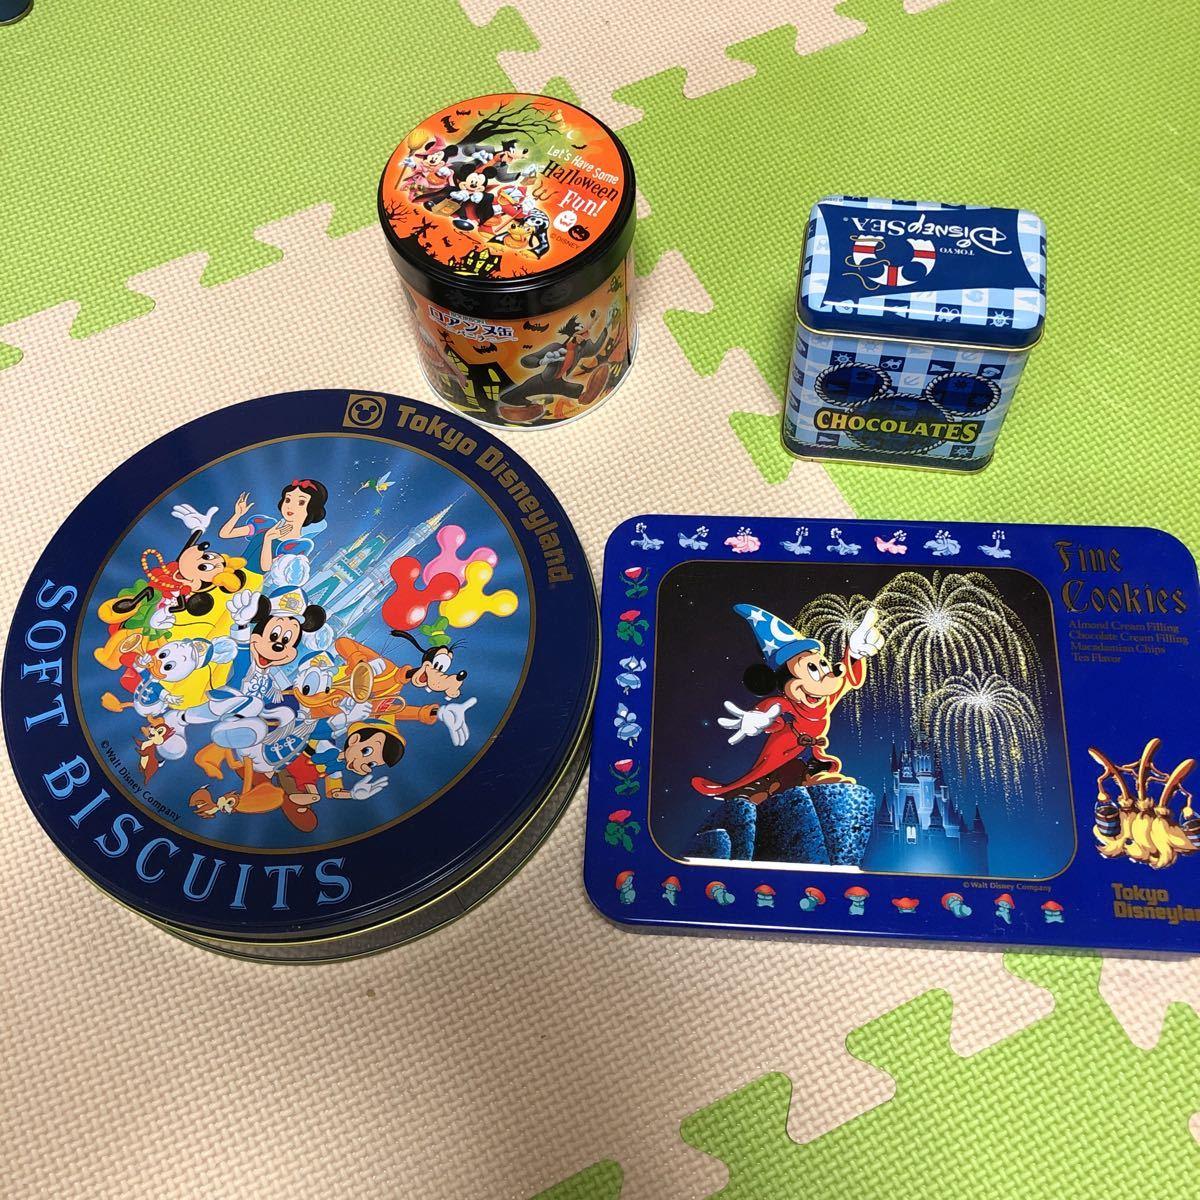 ディズニー★ディズニーリゾート お菓子缶3点&他お菓子缶1点_画像1